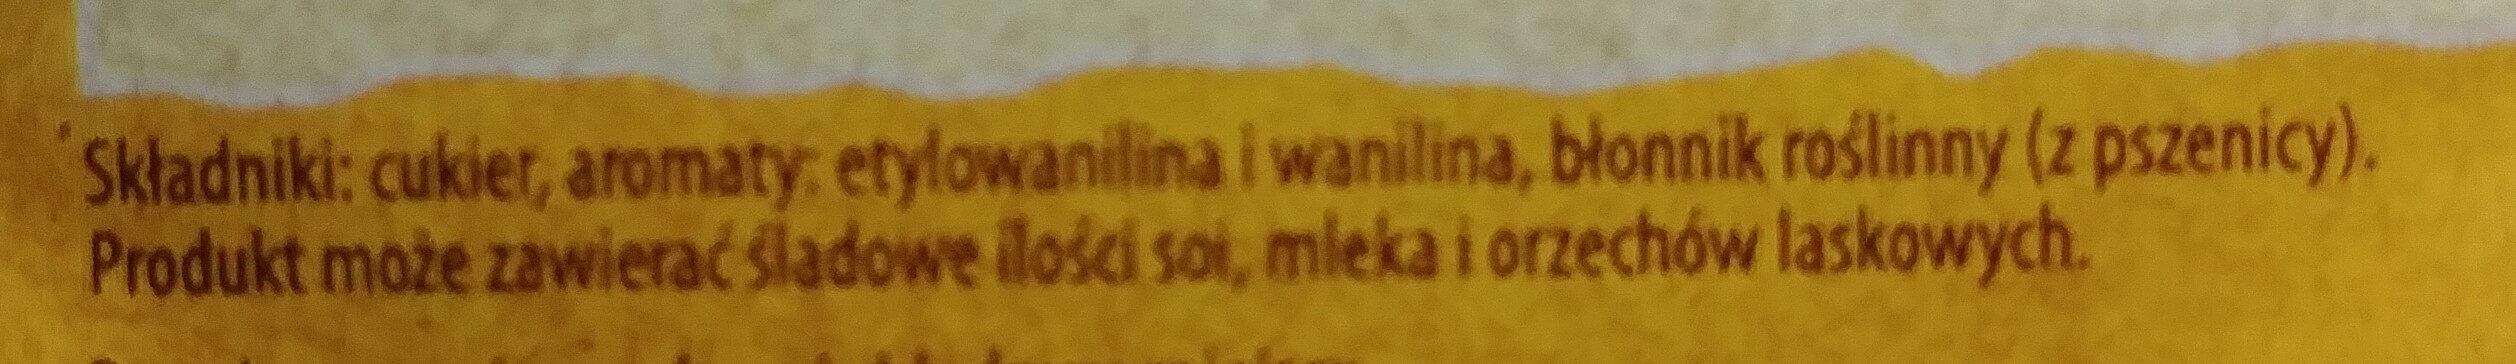 Cukier waniliowy - Ingrédients - pl